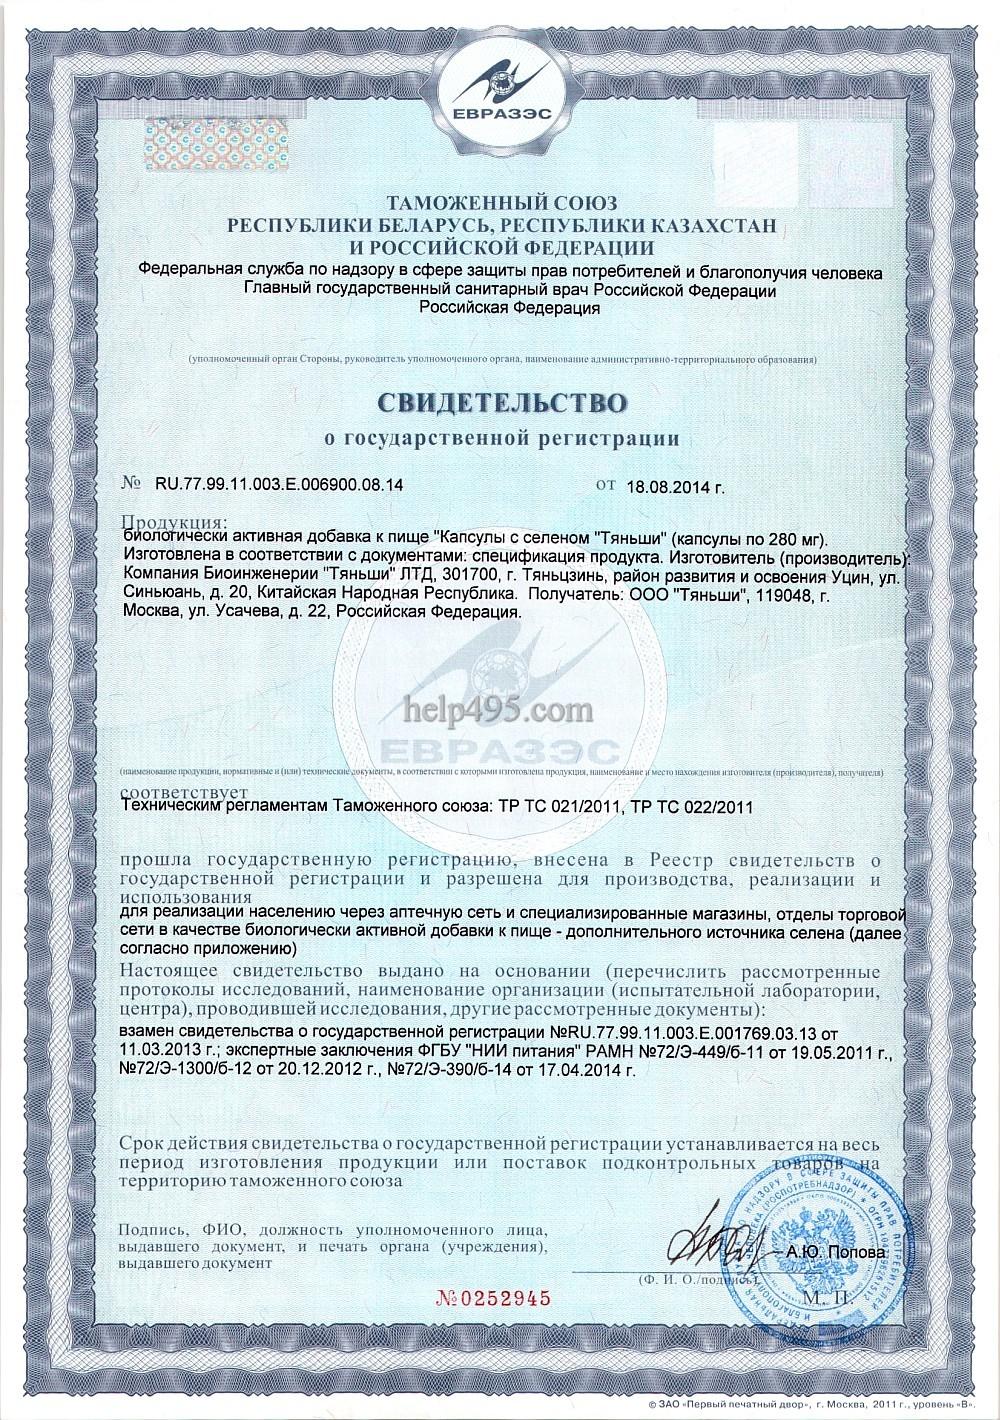 1-ая стр. сертификата препарата: Капсулы с селеном Тяньши